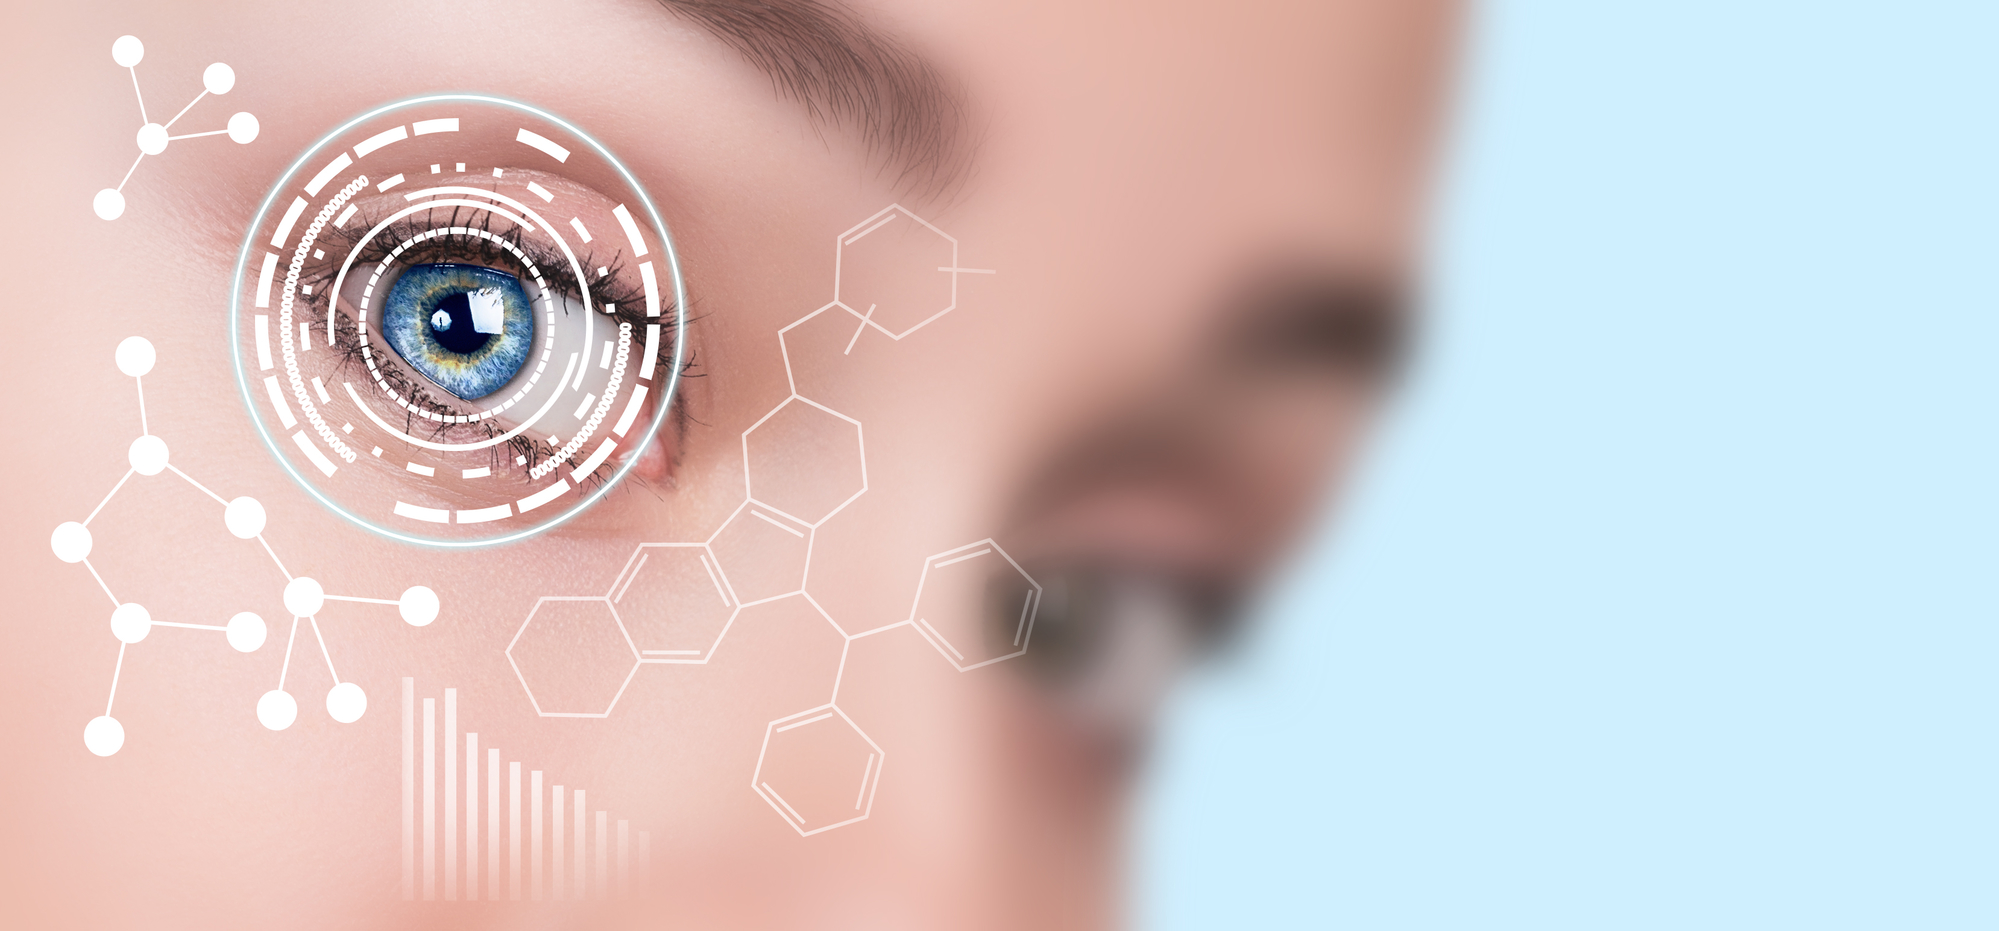 Les yeux secs induits par la chirurgie réfractive